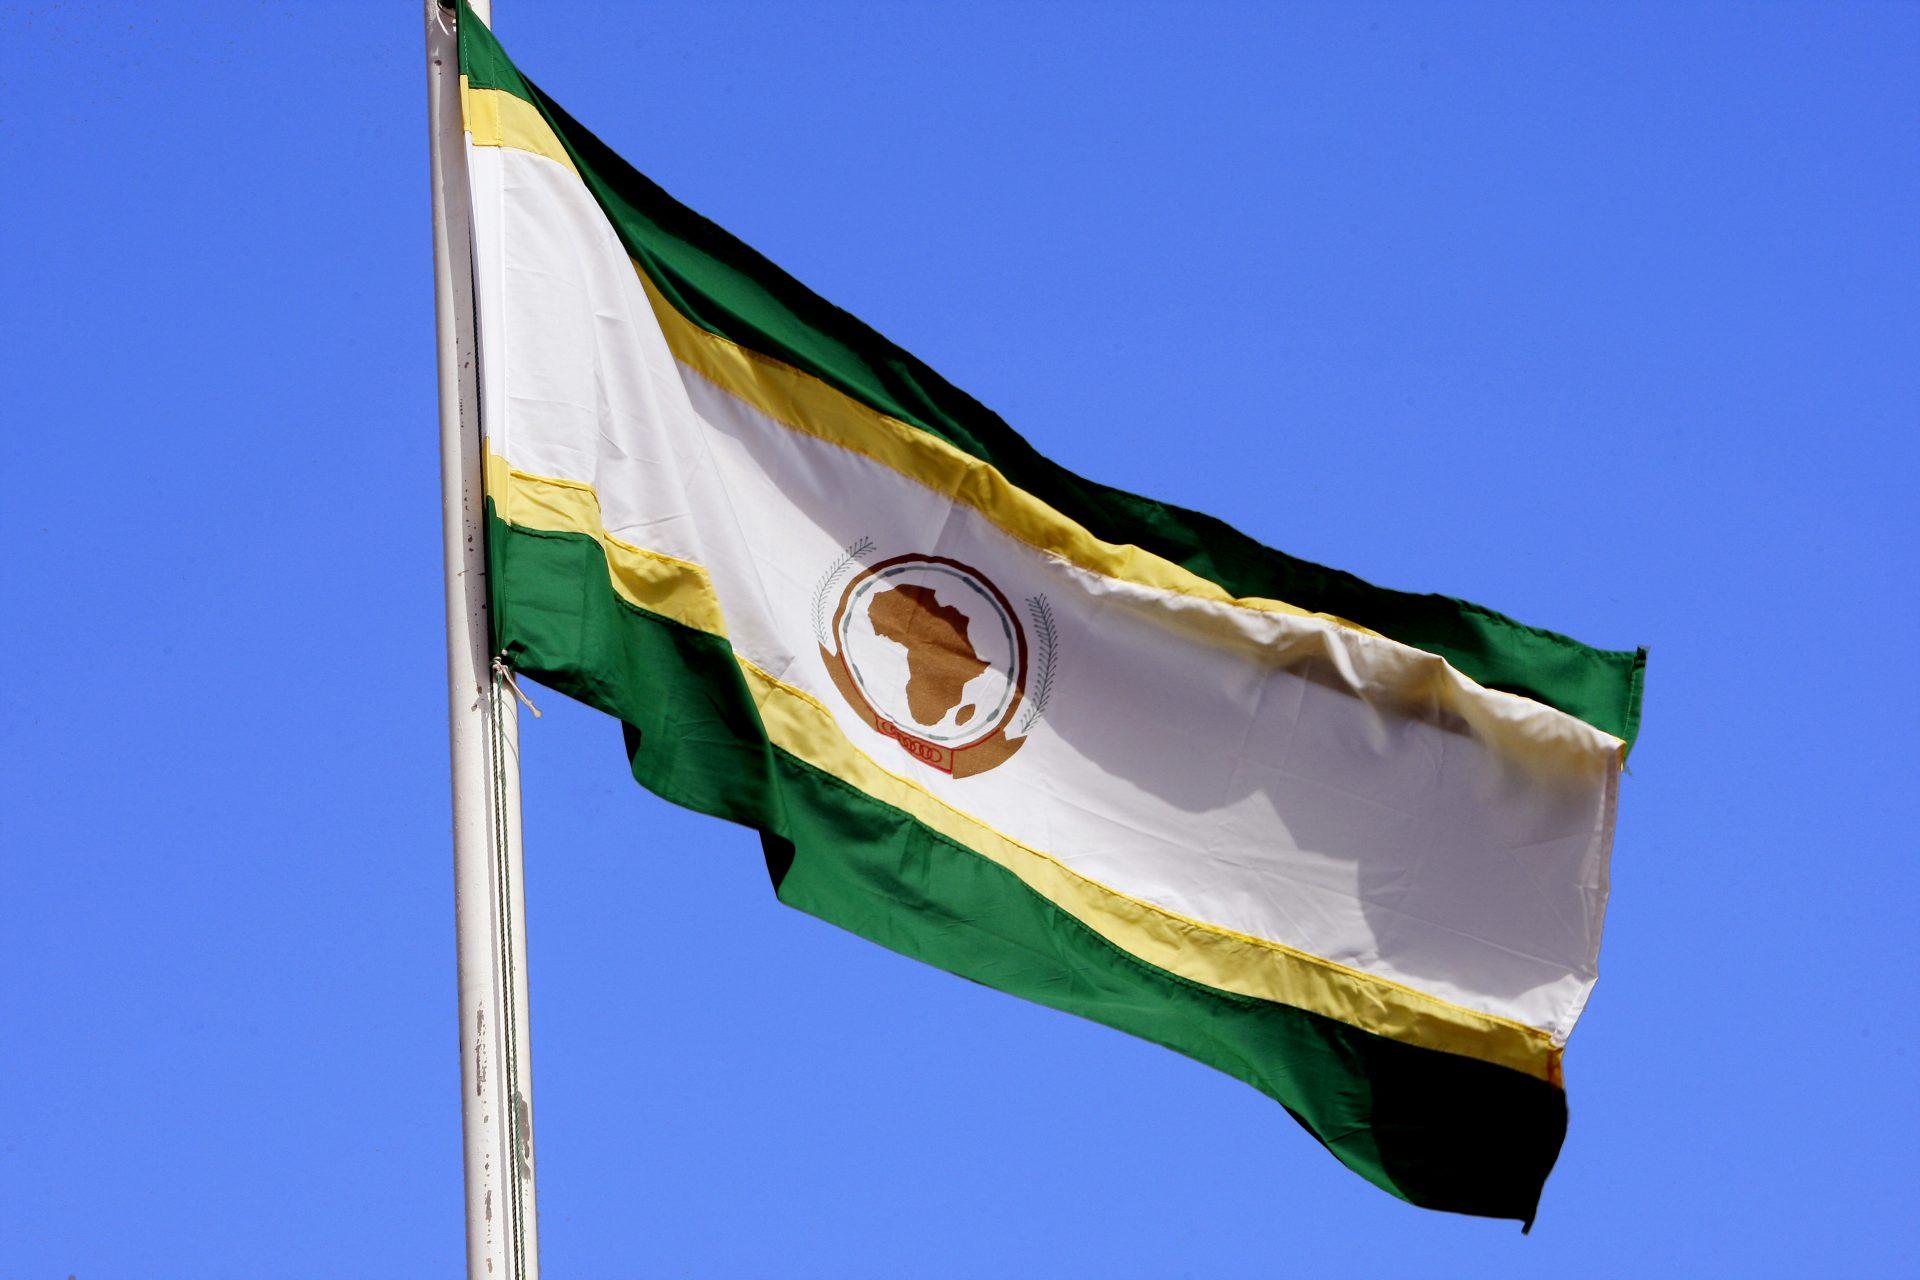 CPLP espera maior proximidade à União Africana com eventual eleição da Guiné Equatorial